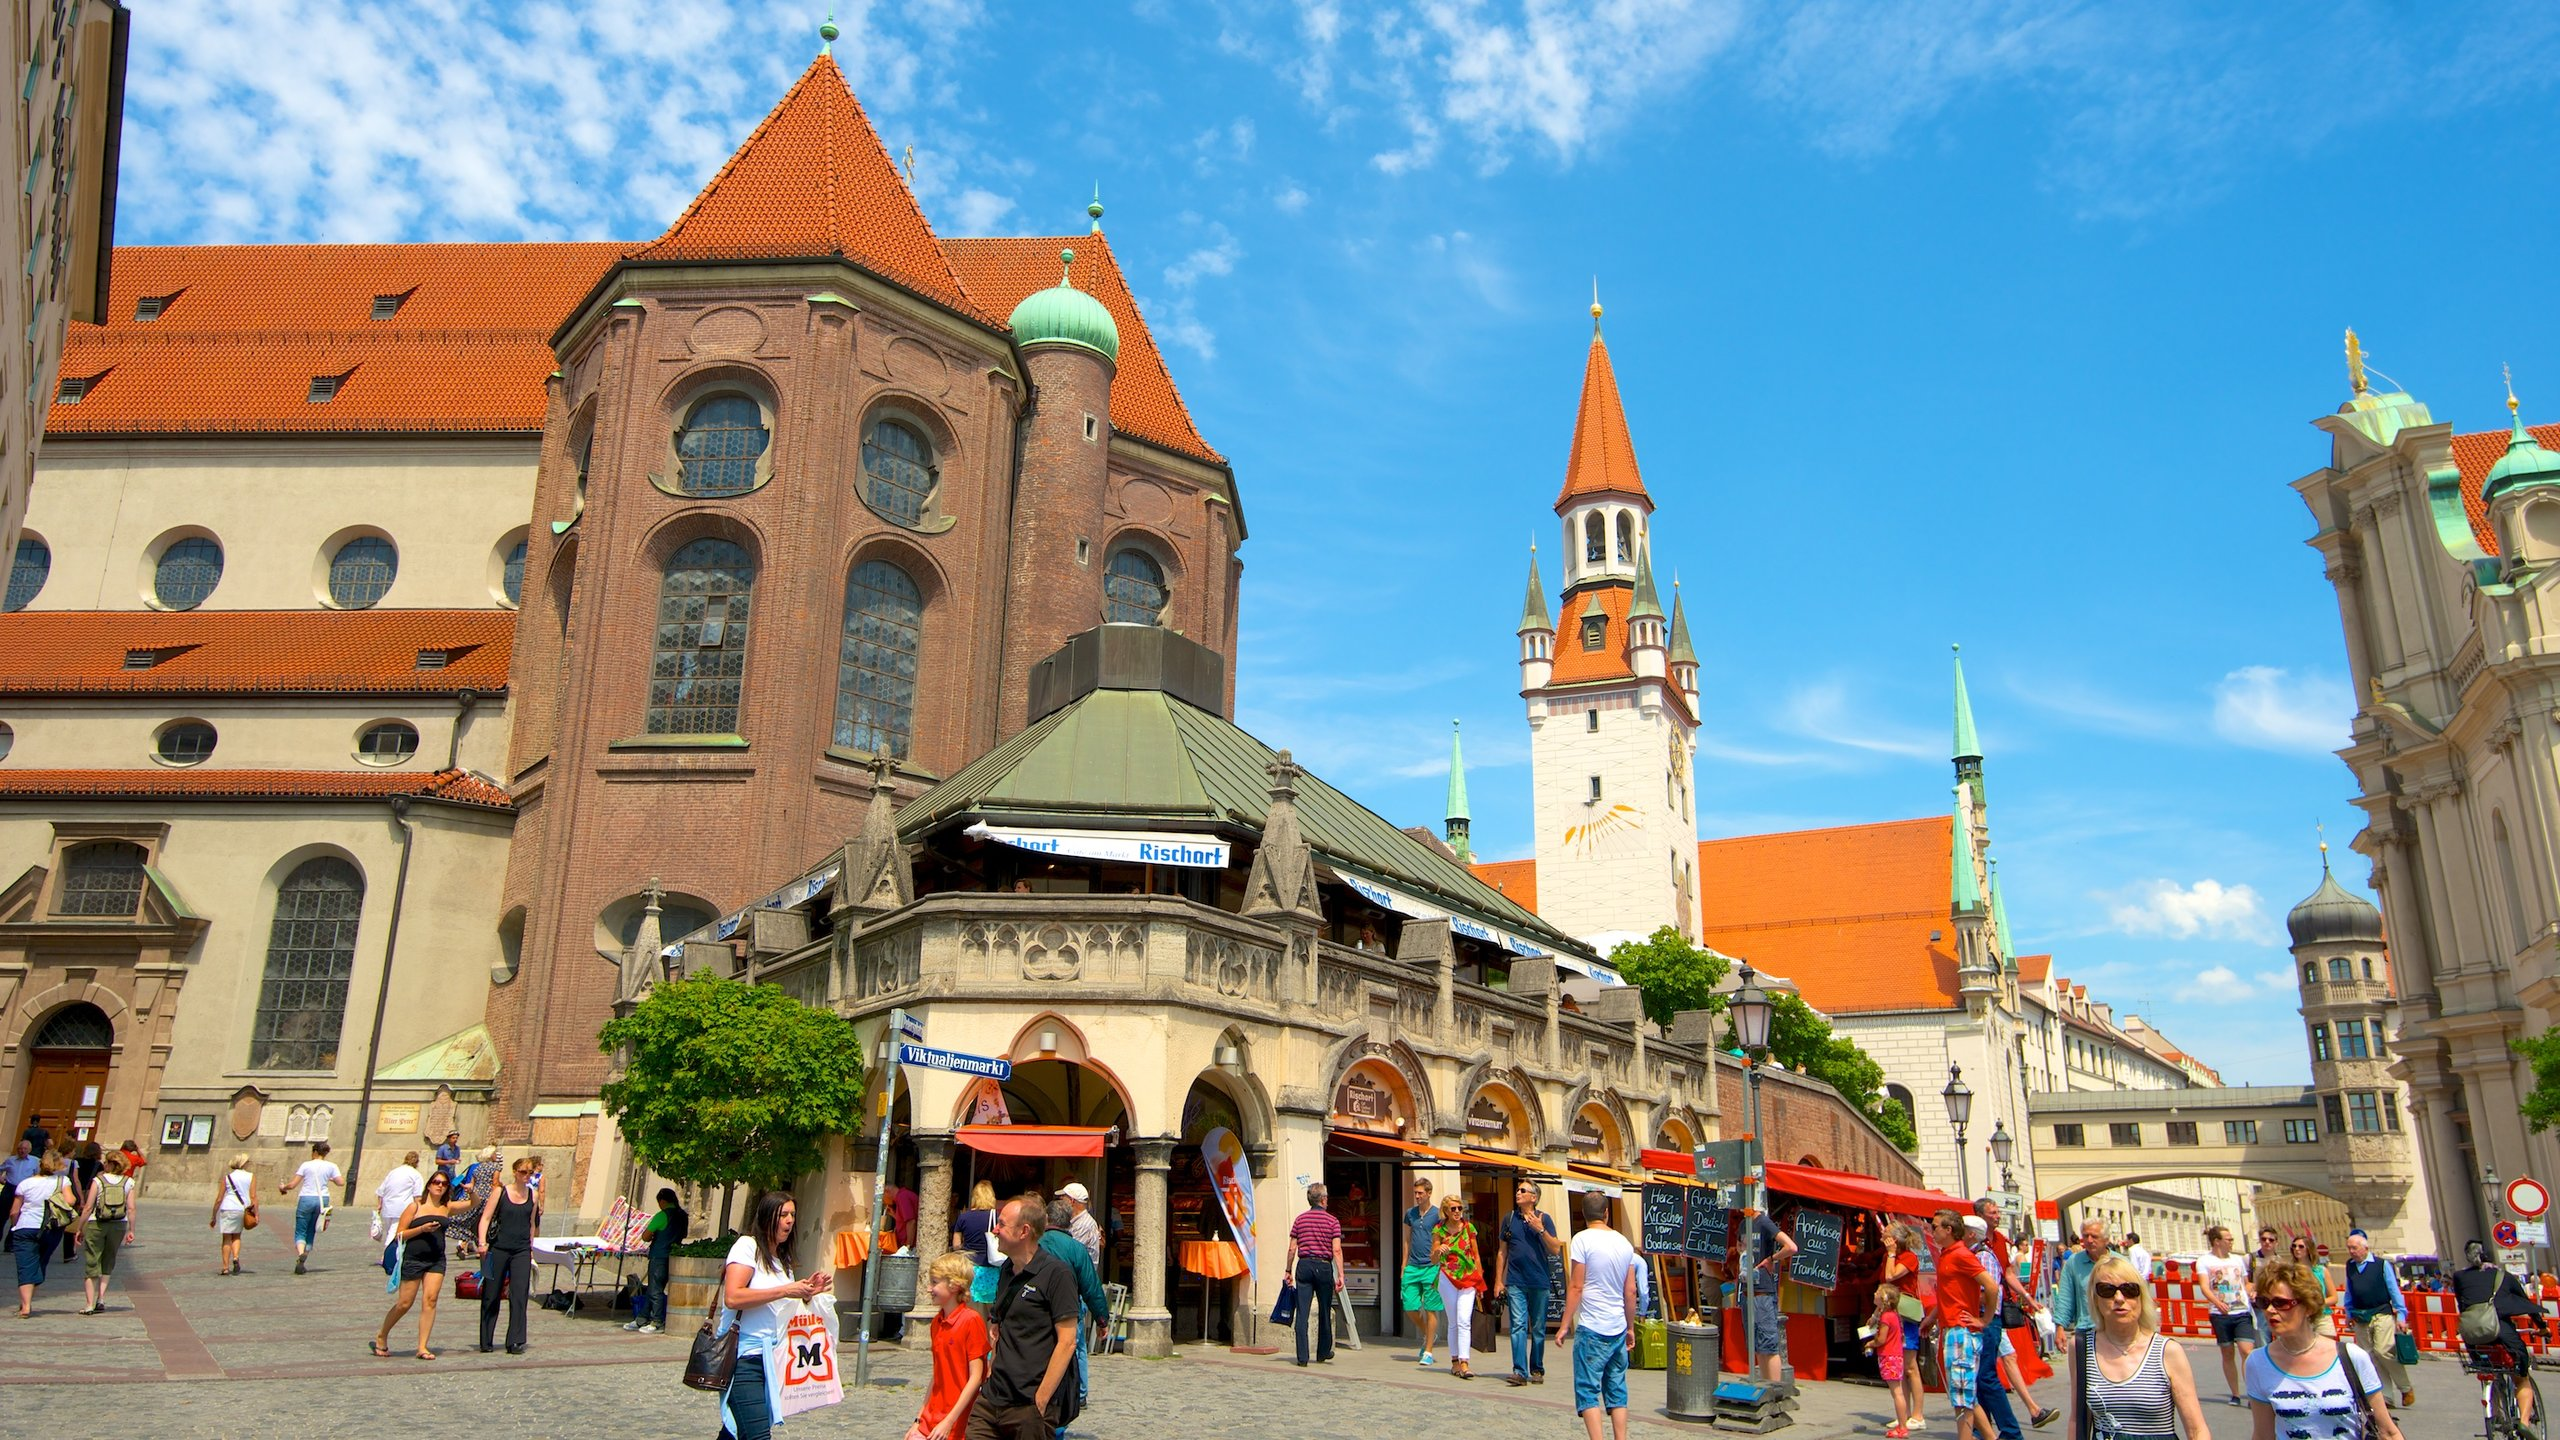 Gay augsburg markt